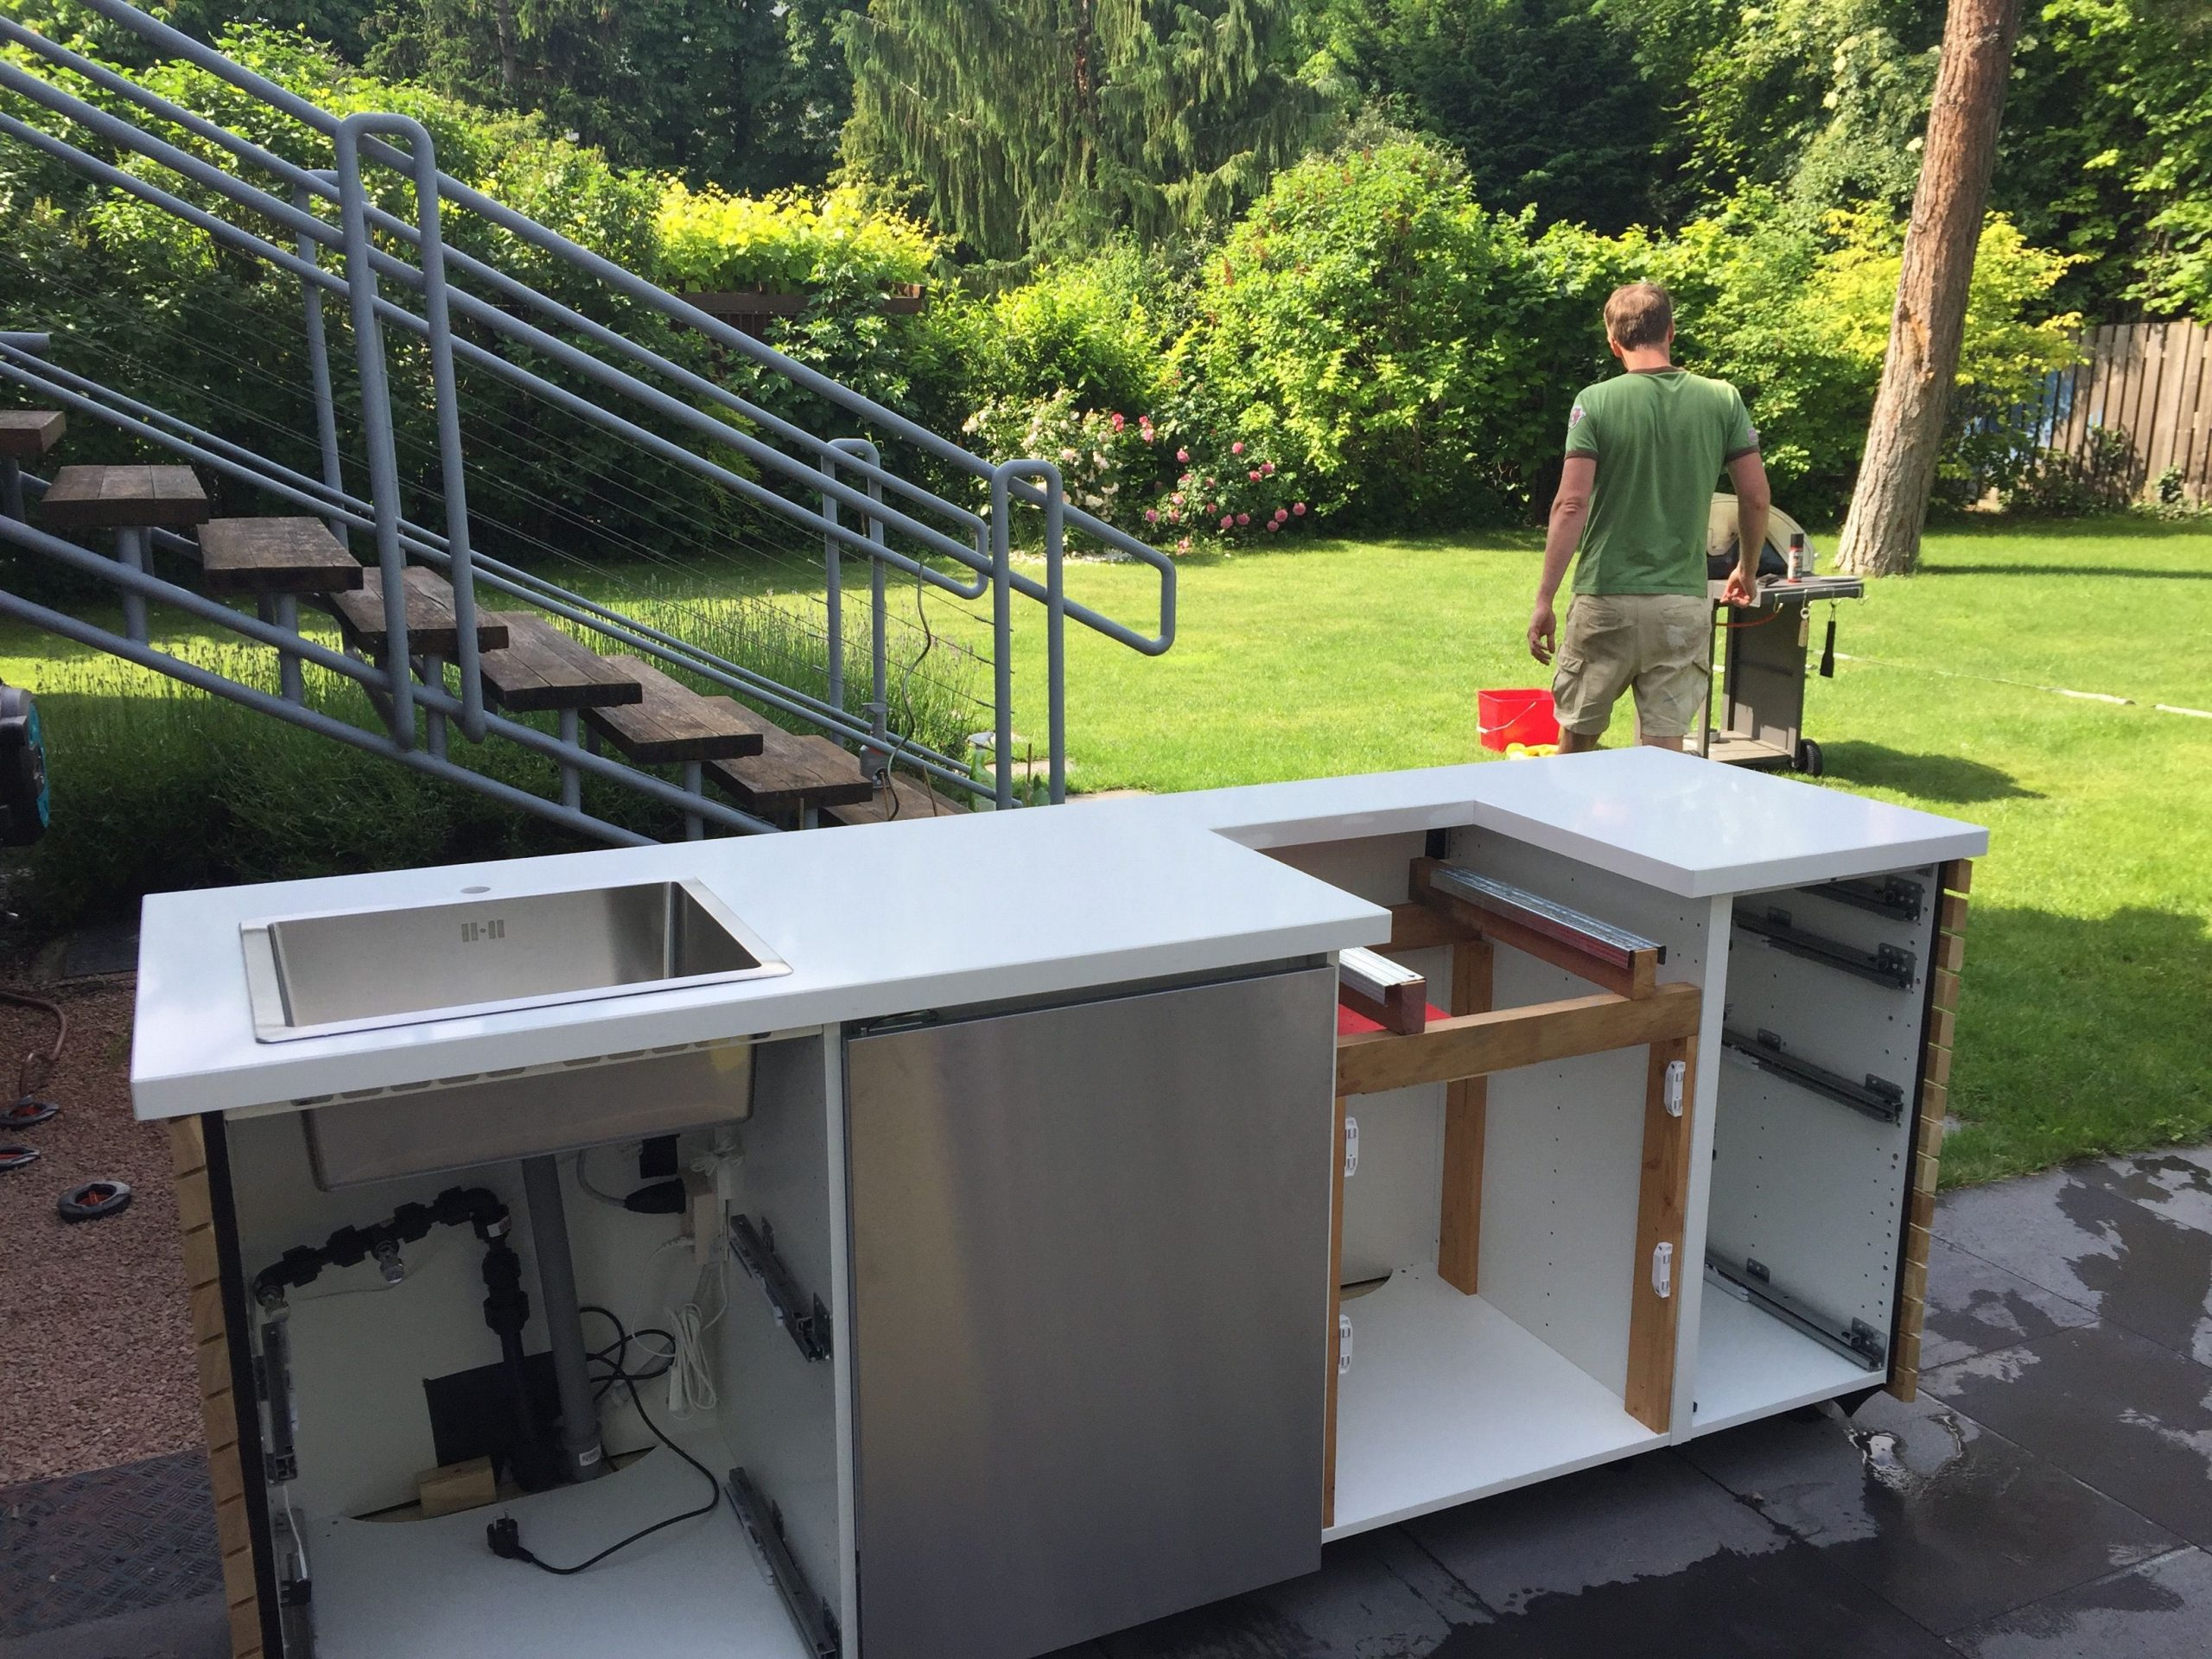 Full Size of Outdoor Küche Diy Outdoorkche Ikea Hack Kche Selber Bauen Mit E Geräten Günstig Holz Modern Wasserhähne Kaufen Einzelschränke Glaswand Vorhänge Wohnzimmer Outdoor Küche